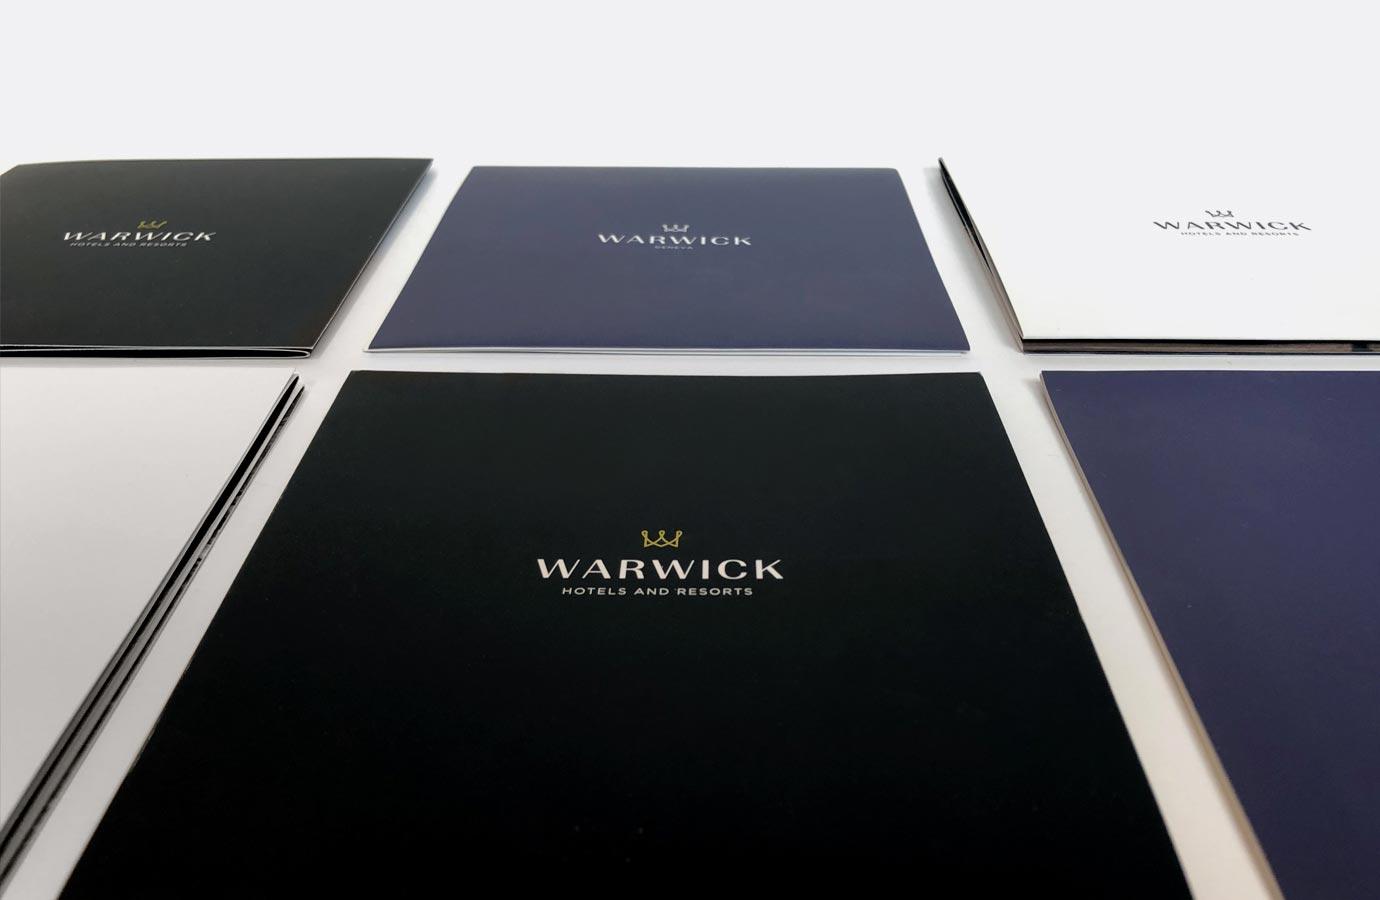 Déclinaison de marque des hôtels Warwick